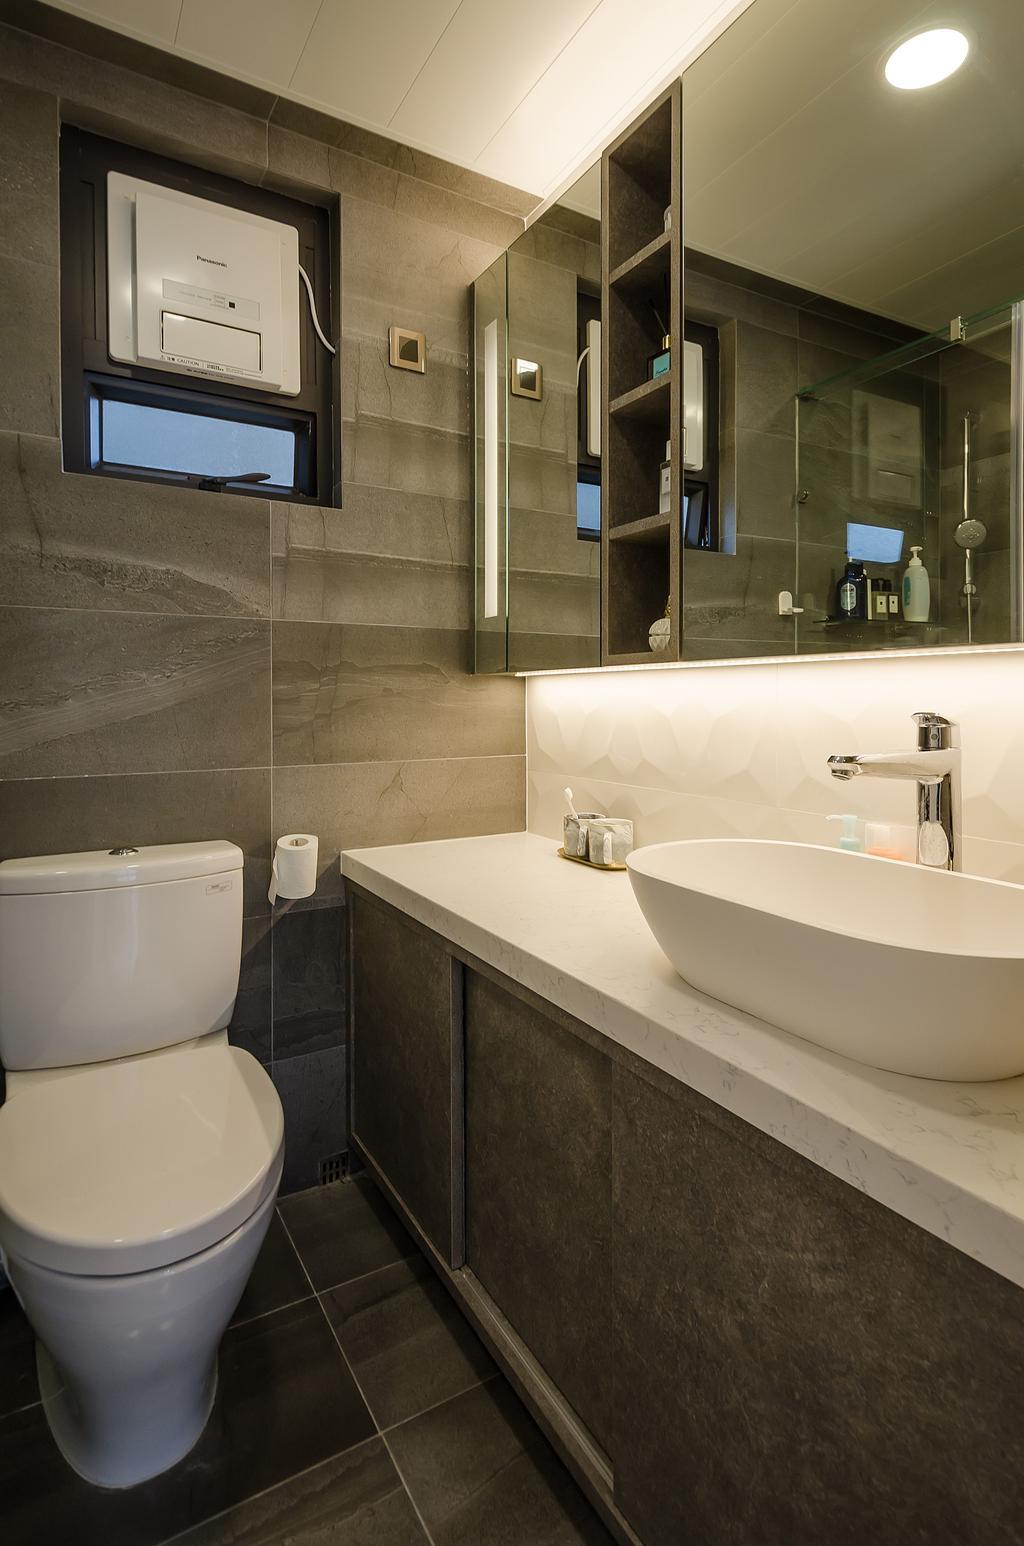 簡約, 私家樓, 浴室, 鯉景灣安明閣, 室內設計師, Epic, 摩登